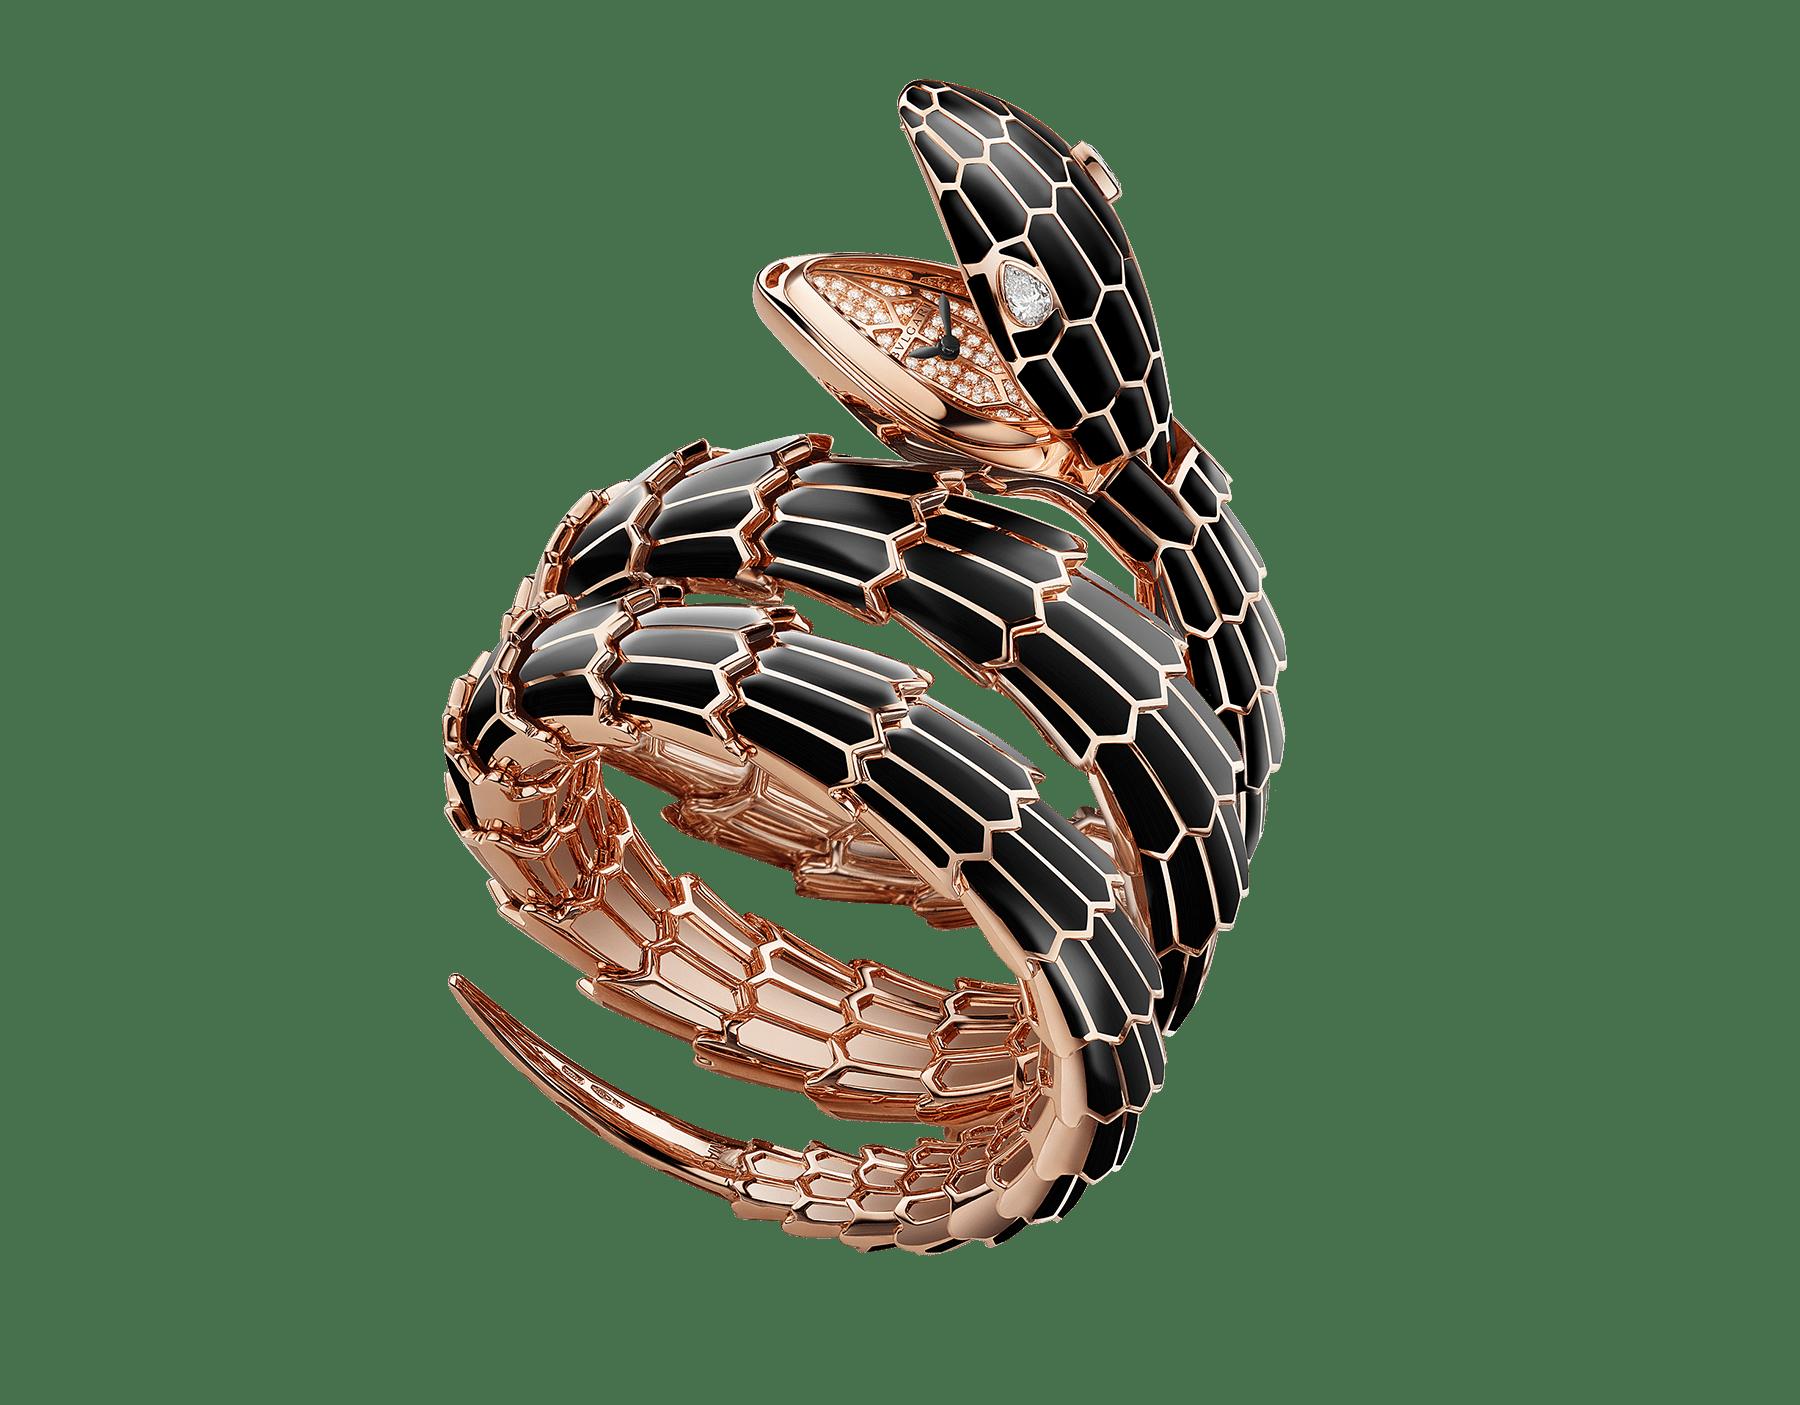 Orologio Serpenti Secret con testa e bracciale a doppia spirale in oro rosa 18 kt e smalto nero, occhi con diamanti, cassa in oro rosa 18 kt, quadrante in oro rosa 18 kt con diamanti taglio brillante. 102524 image 1